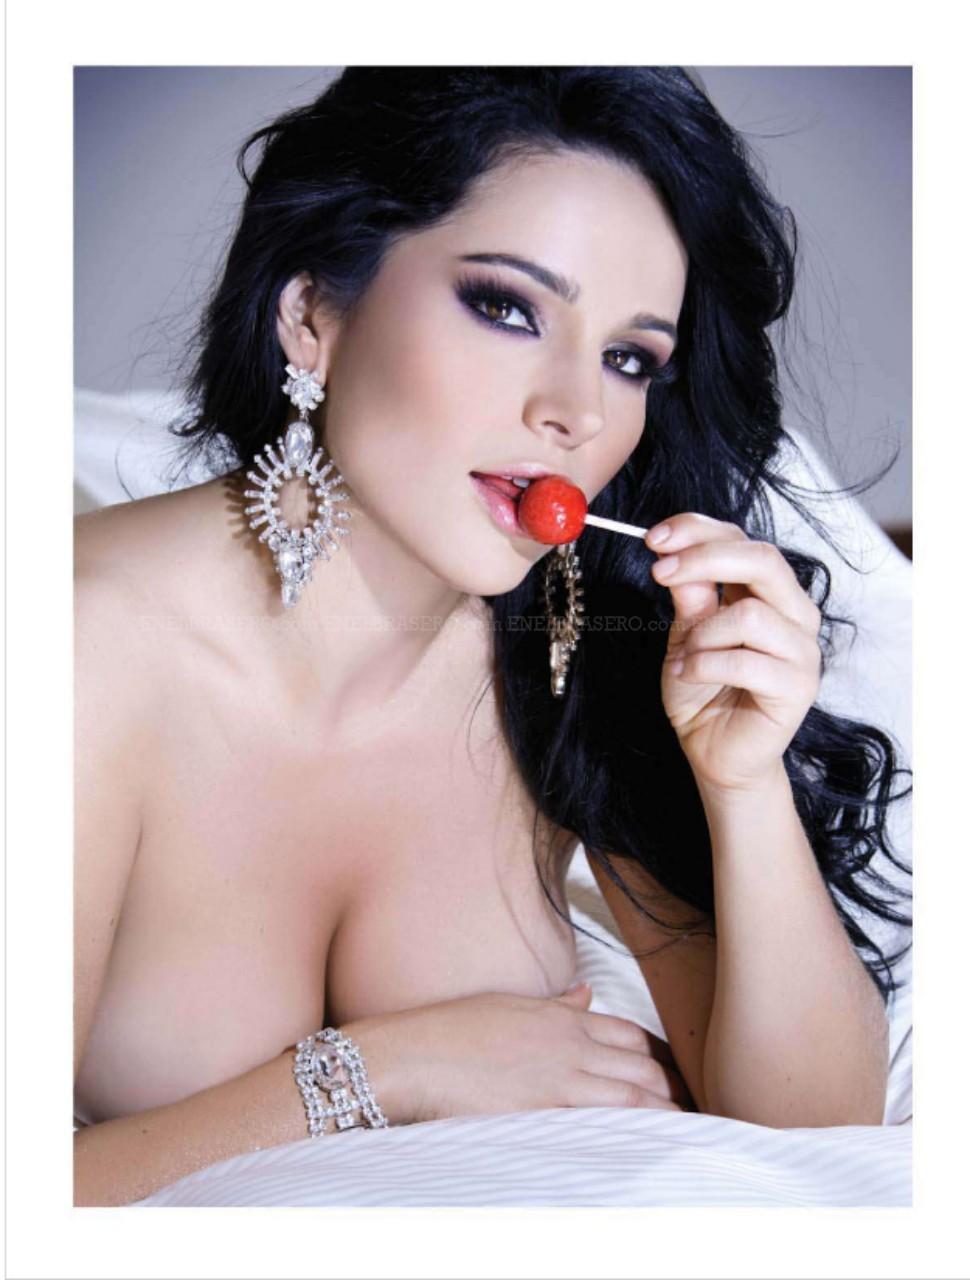 Aquí les dejo las imágenes sexys de Mariana Rios en H México.